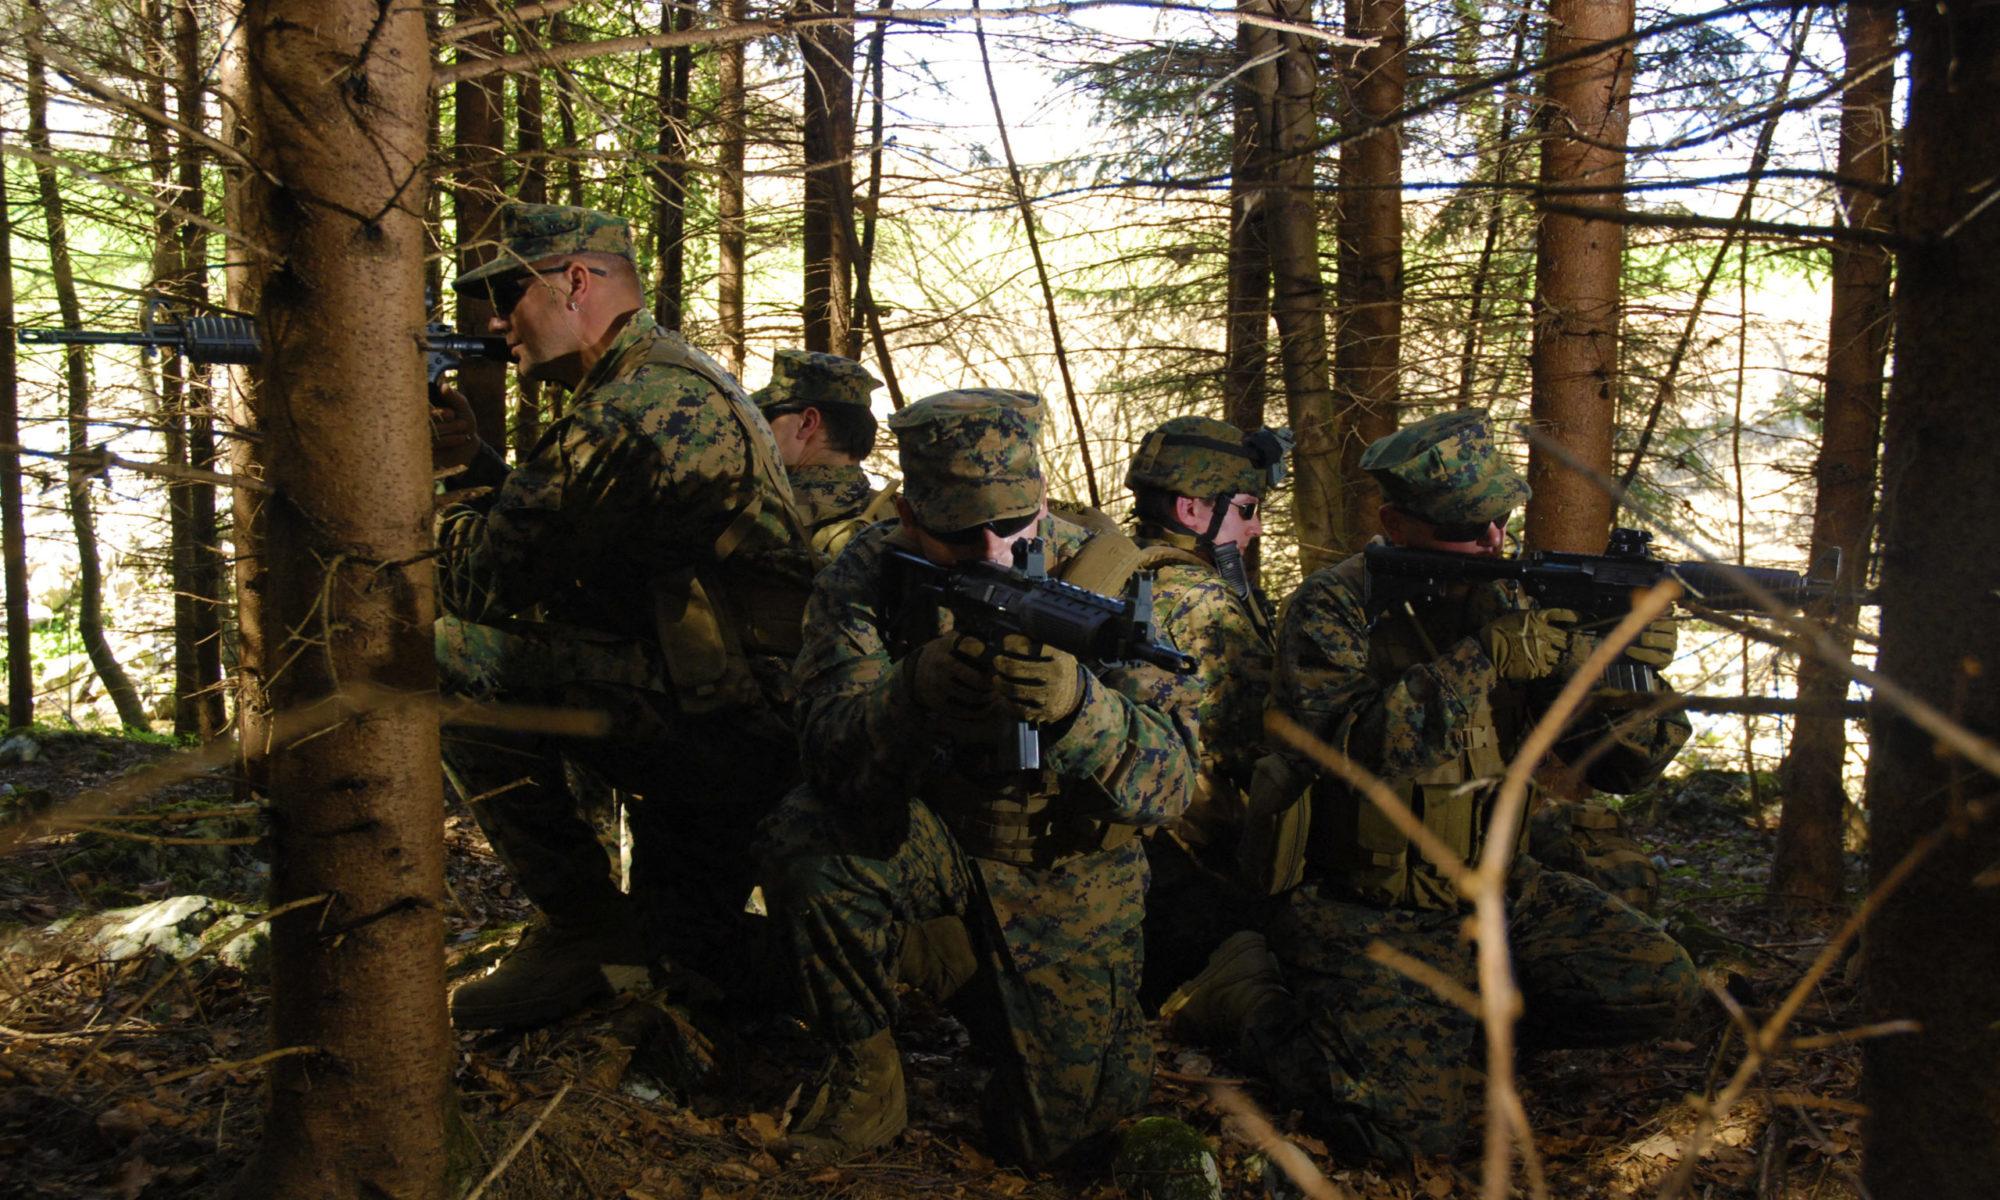 AK Delta force